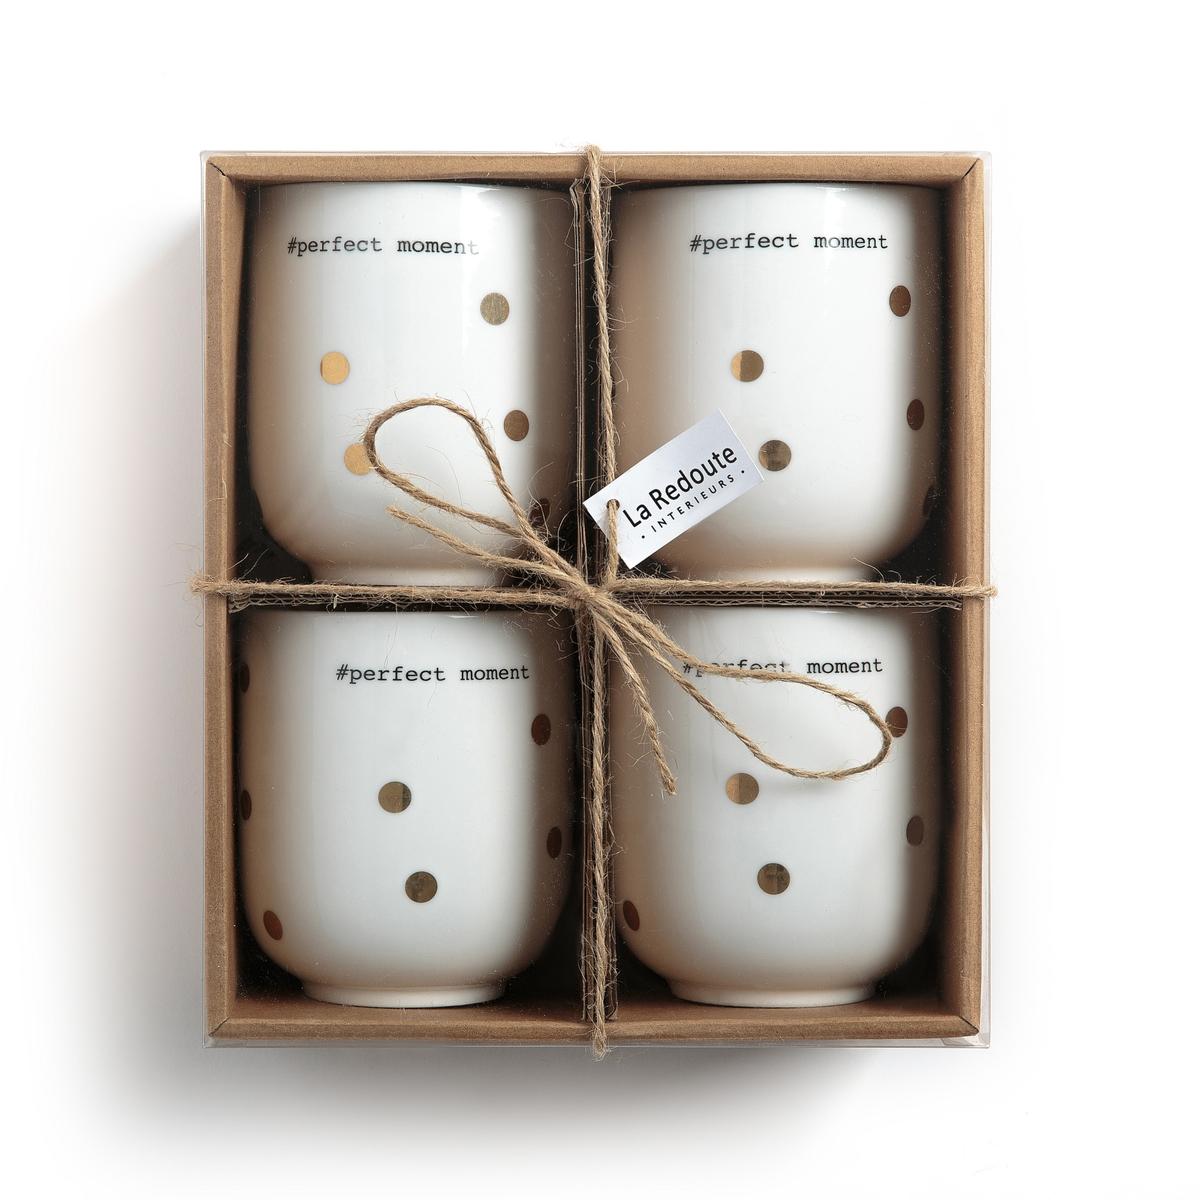 Комплект из 4 чайных чашек из фарфора, KUBLERОписание:4 чашки для травяного чая из фарфора Kubler, La redoute Int?rieurs . Праздничный рисунок в золотистый горох и надпись #perfect moment.Характеристики 4 чашек для травяного чая из фарфора Kubler  : •  Чайные чашки из фарфора •  Диаметр : 8 см •  Высота : 9,5 см •  Вместимость : 360 мл •  Не подходят для посудомоечной машины •  Не подходят для микроволновой печи •  Продаются в комплекте из 4 штукНайдите коллекцию из фарфора Kubler на нашем сайте laredoute.ru<br><br>Цвет: в горошек<br>Размер: единый размер